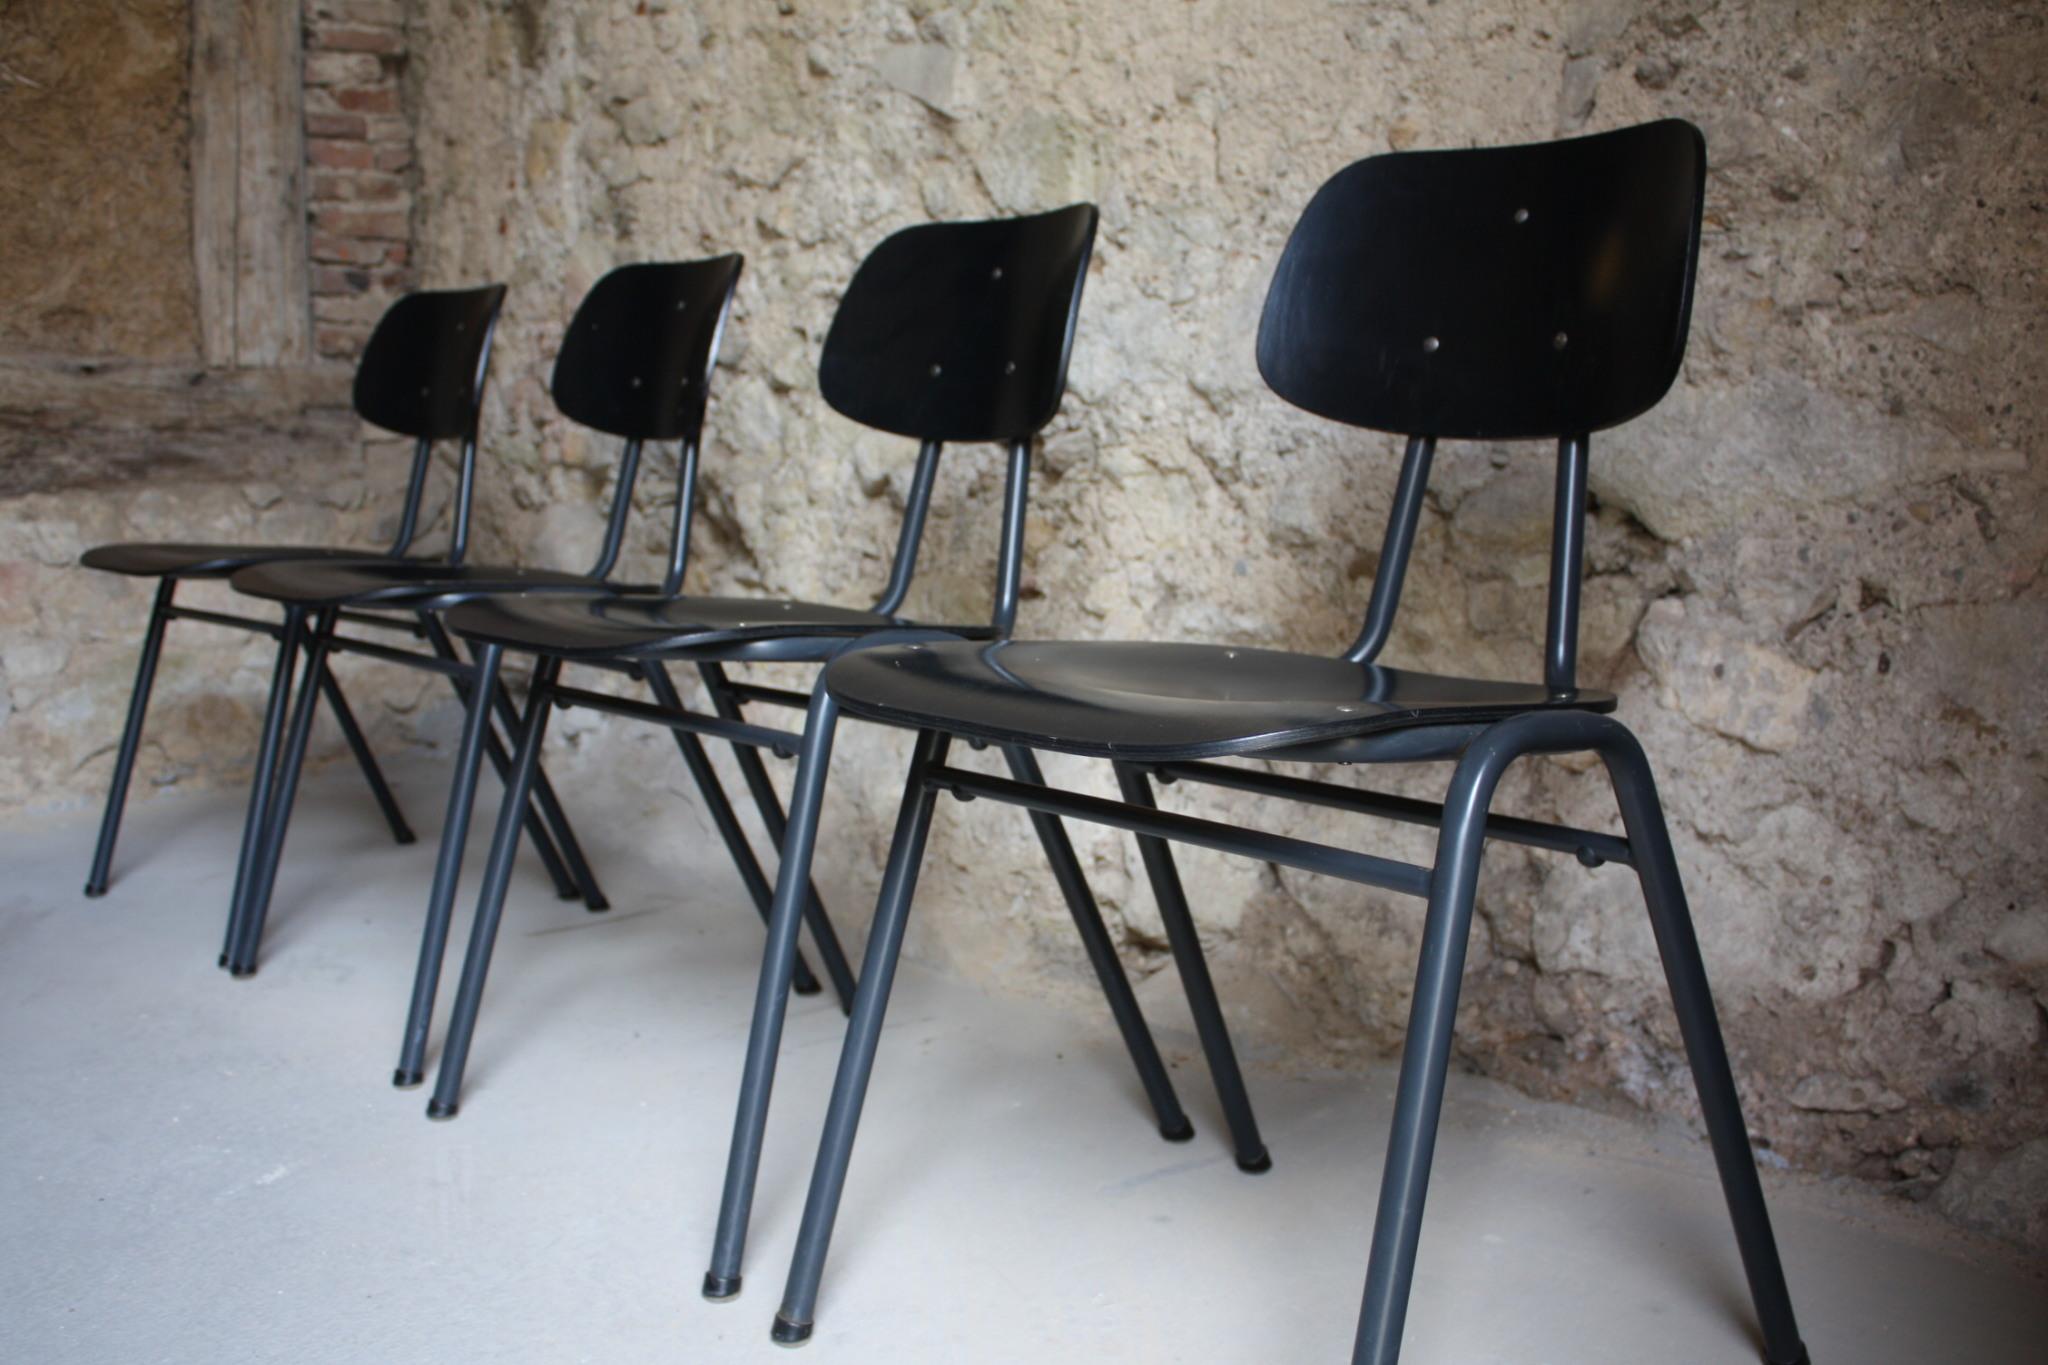 Vintage Stühle vs schul stühle werkstatt vintage loft stahlrohr schwarz 5